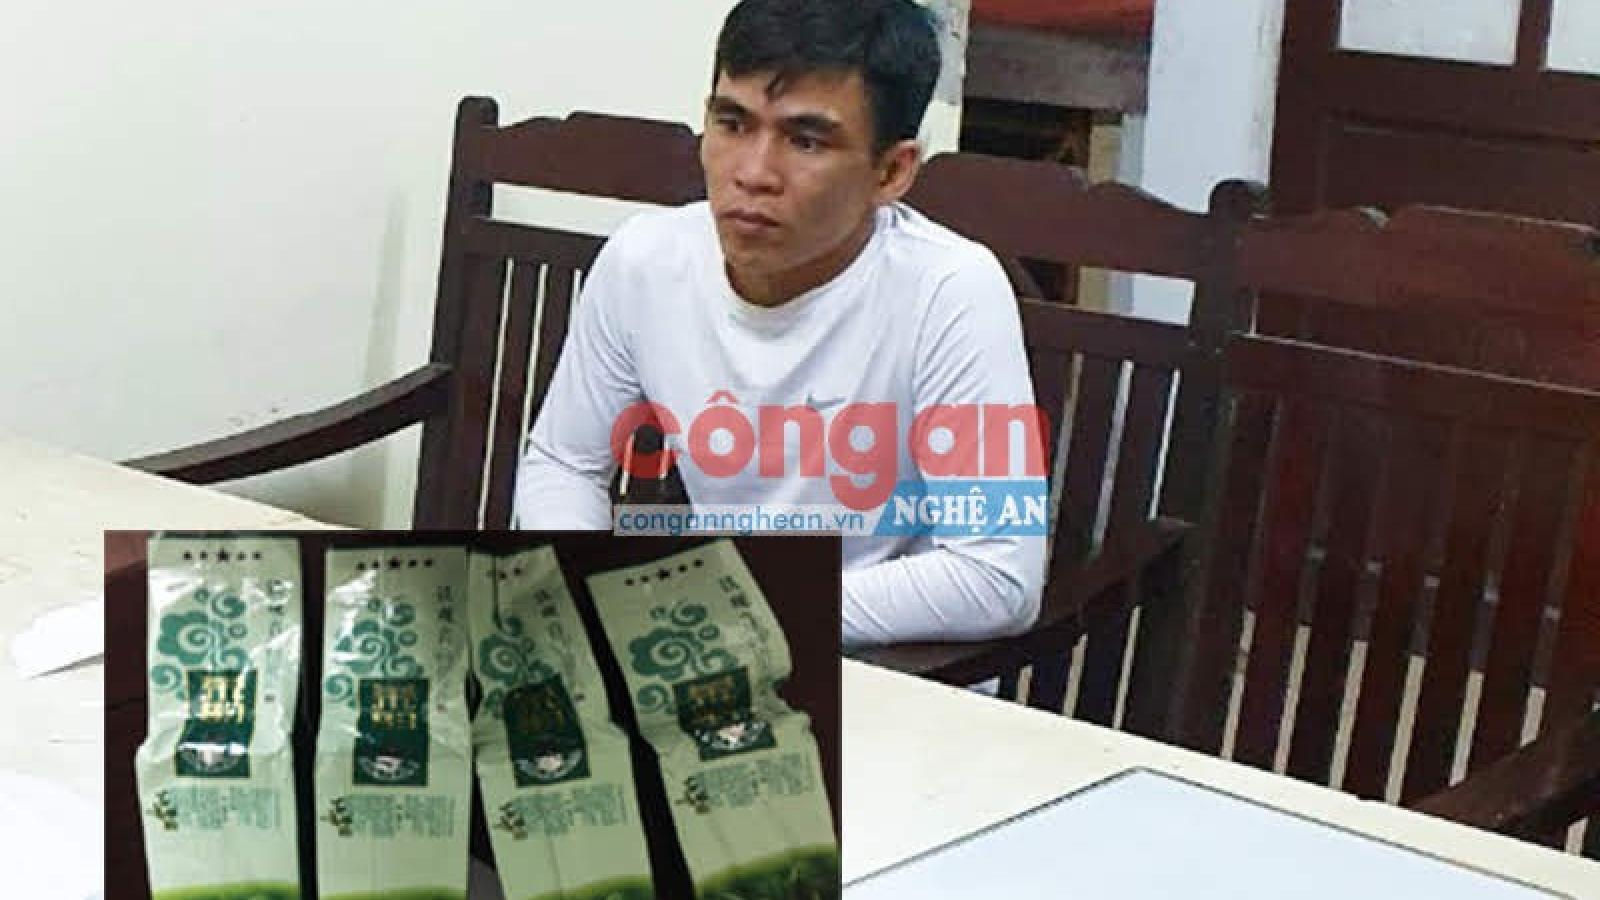 Công an tỉnh Nghệ An triệt phá 2 chuyên án ma túy trong 1 ngày